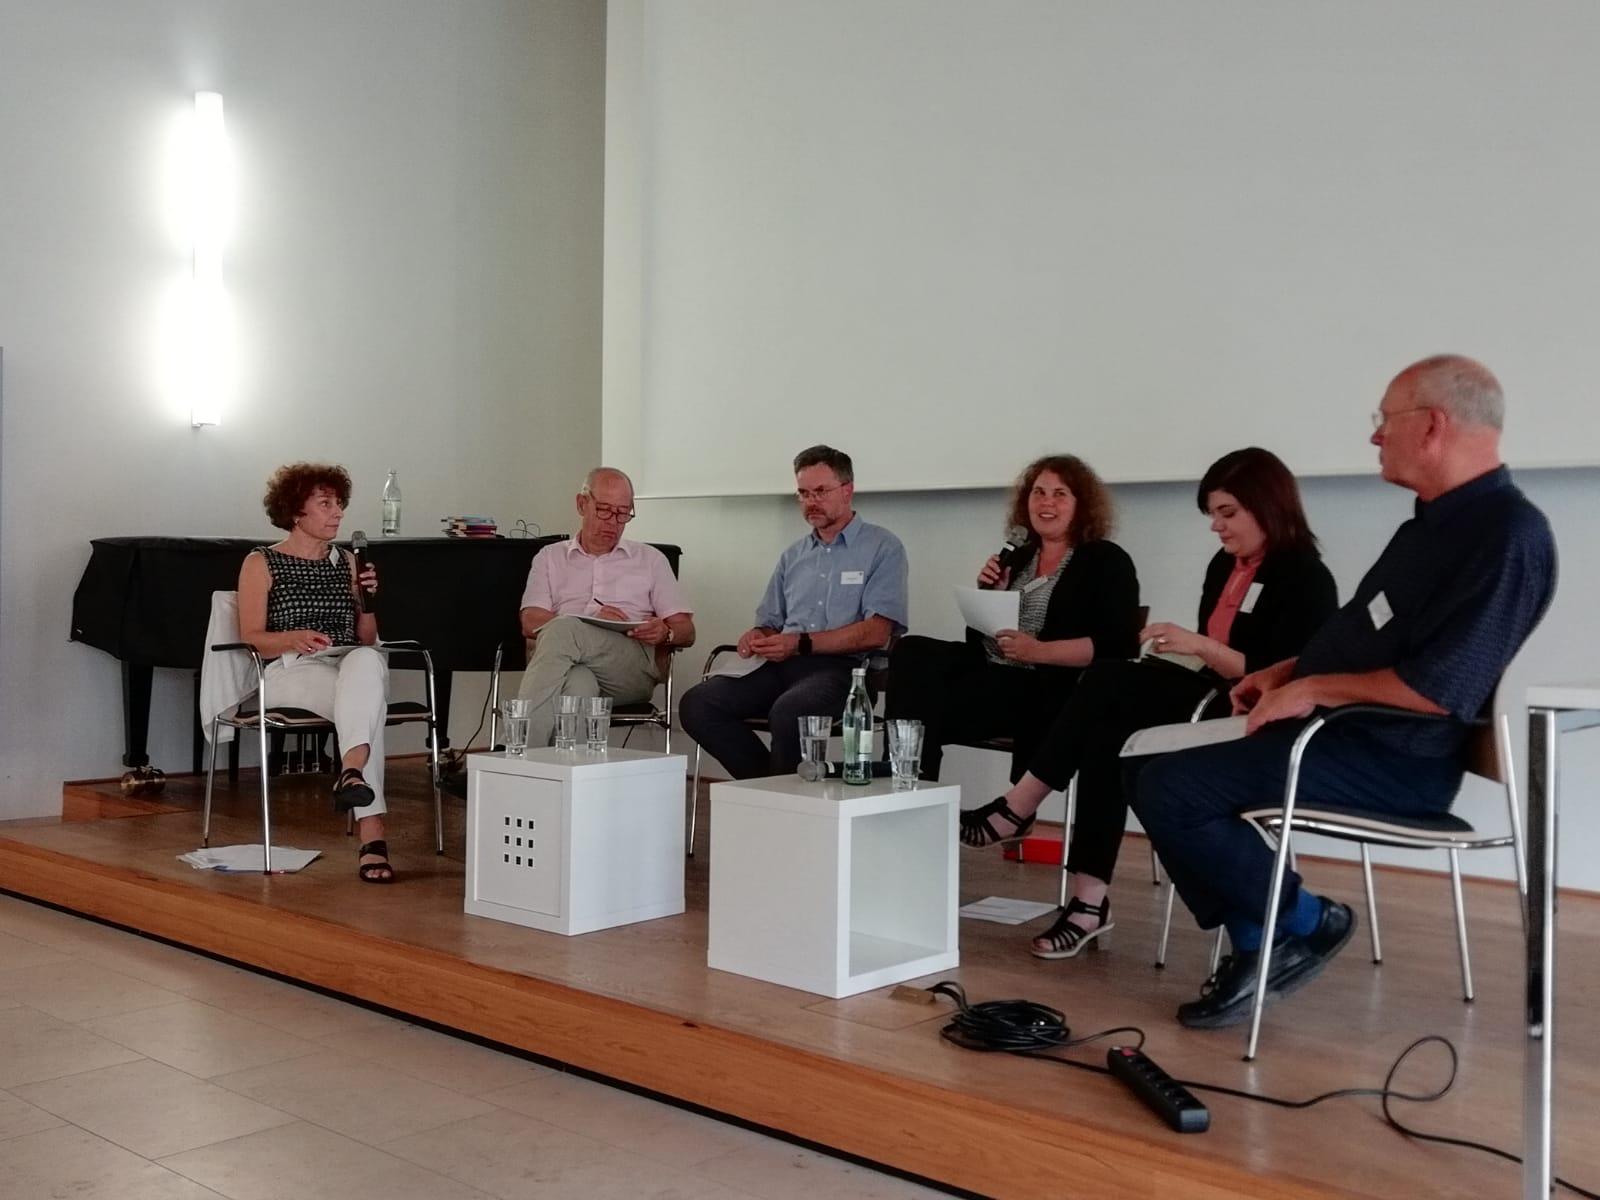 v.l. I. Schüßler, G. Denneborg, A. Klinger, R. Egetenmeyer, M. Schröder, W. Würfel